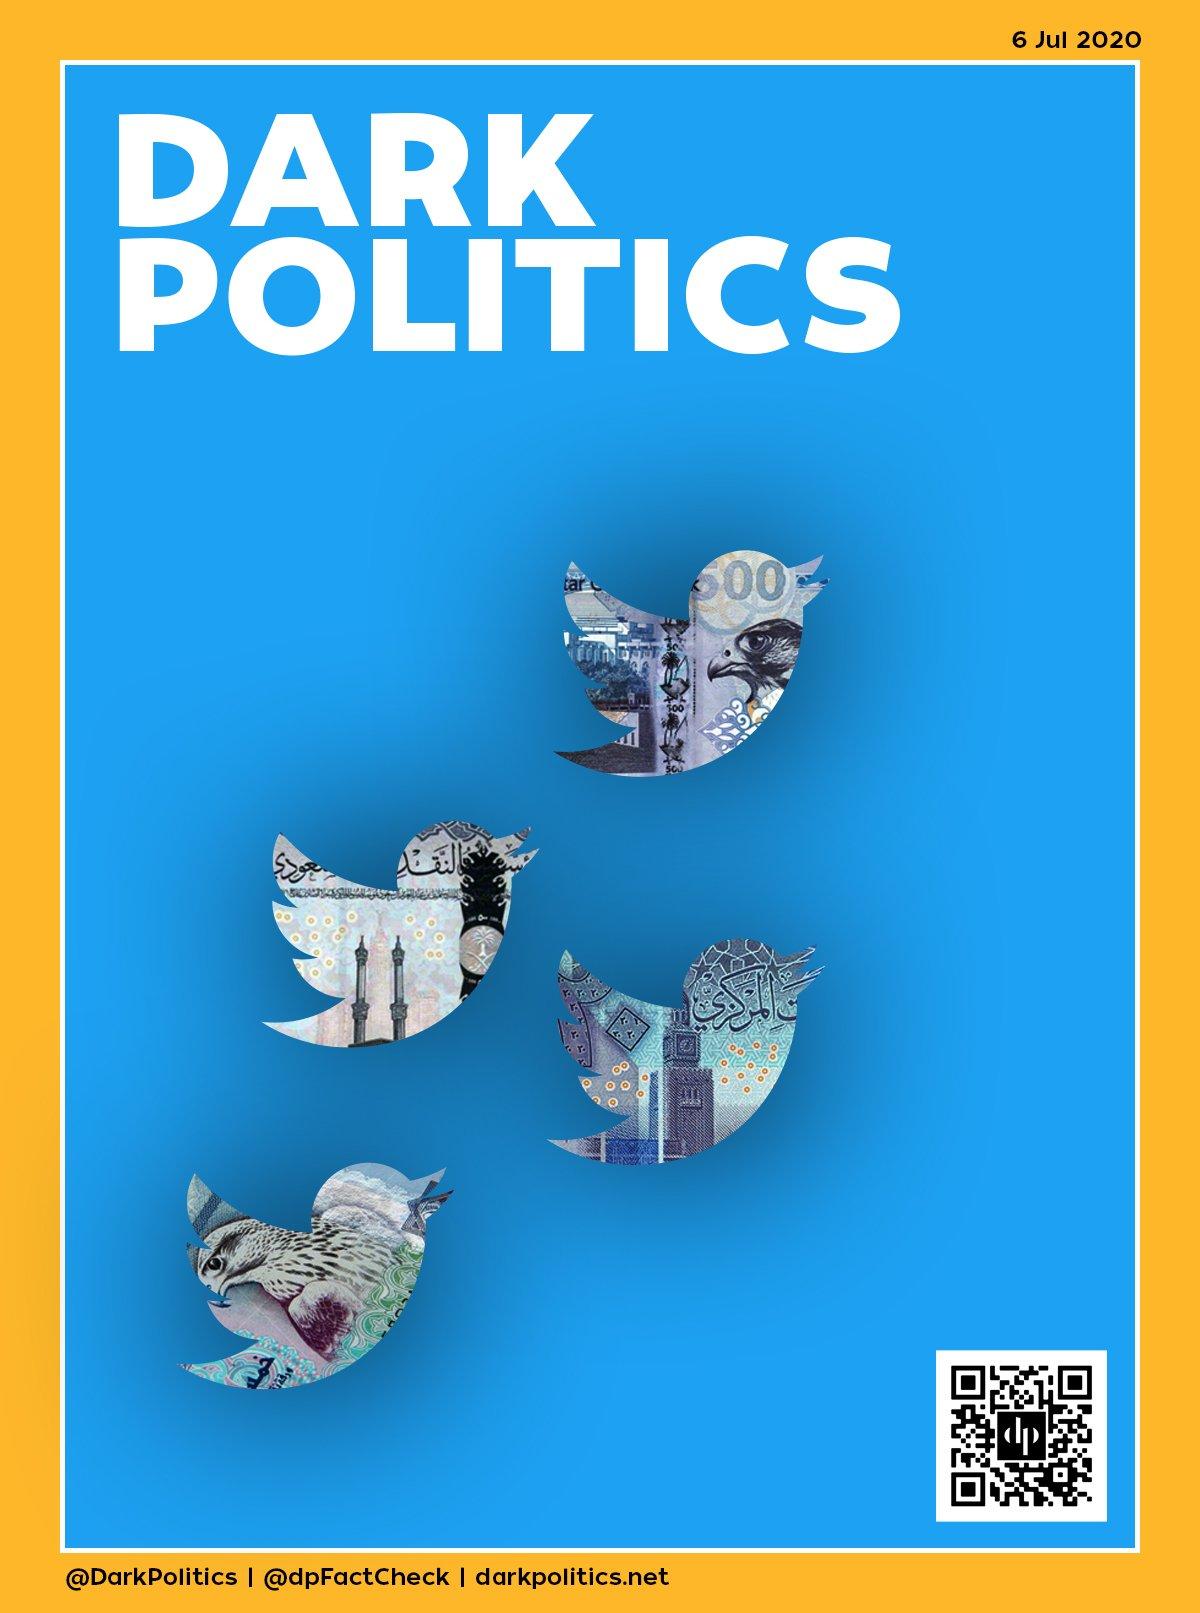 غلاف يوليو 2020 - تويتر